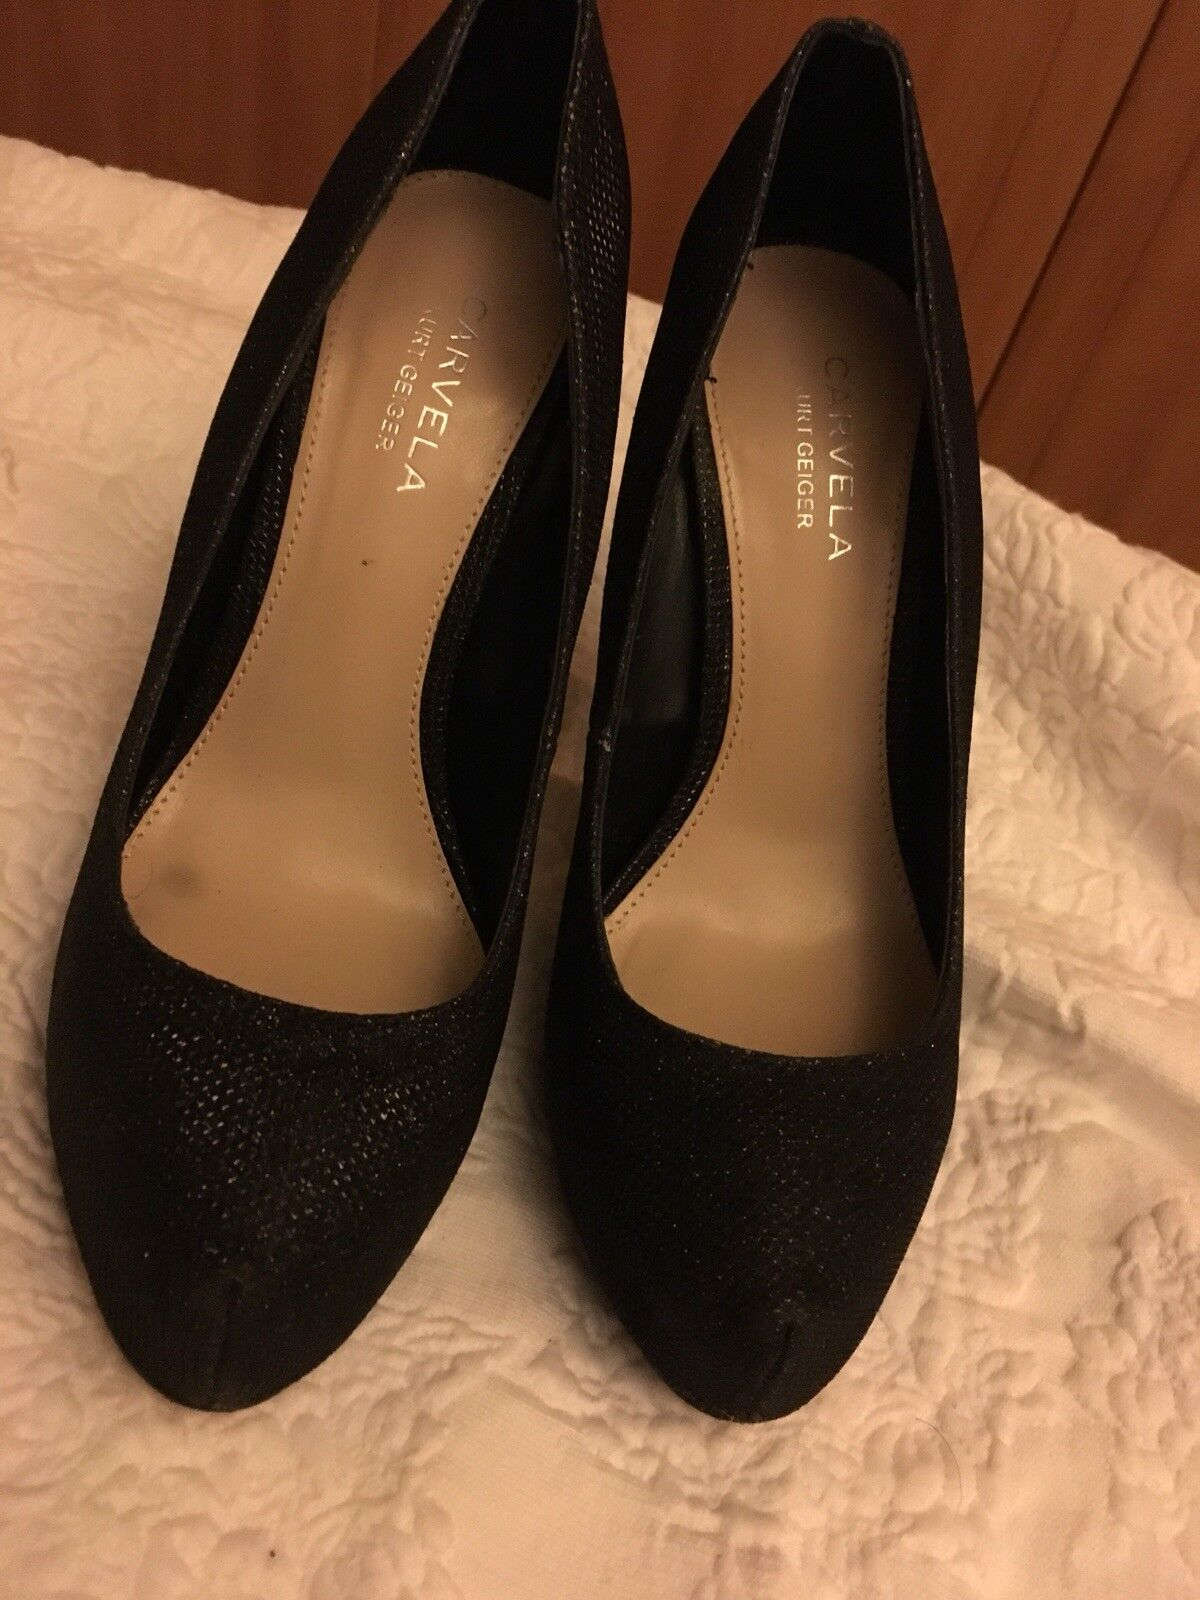 Carvela black platform high heels size 4